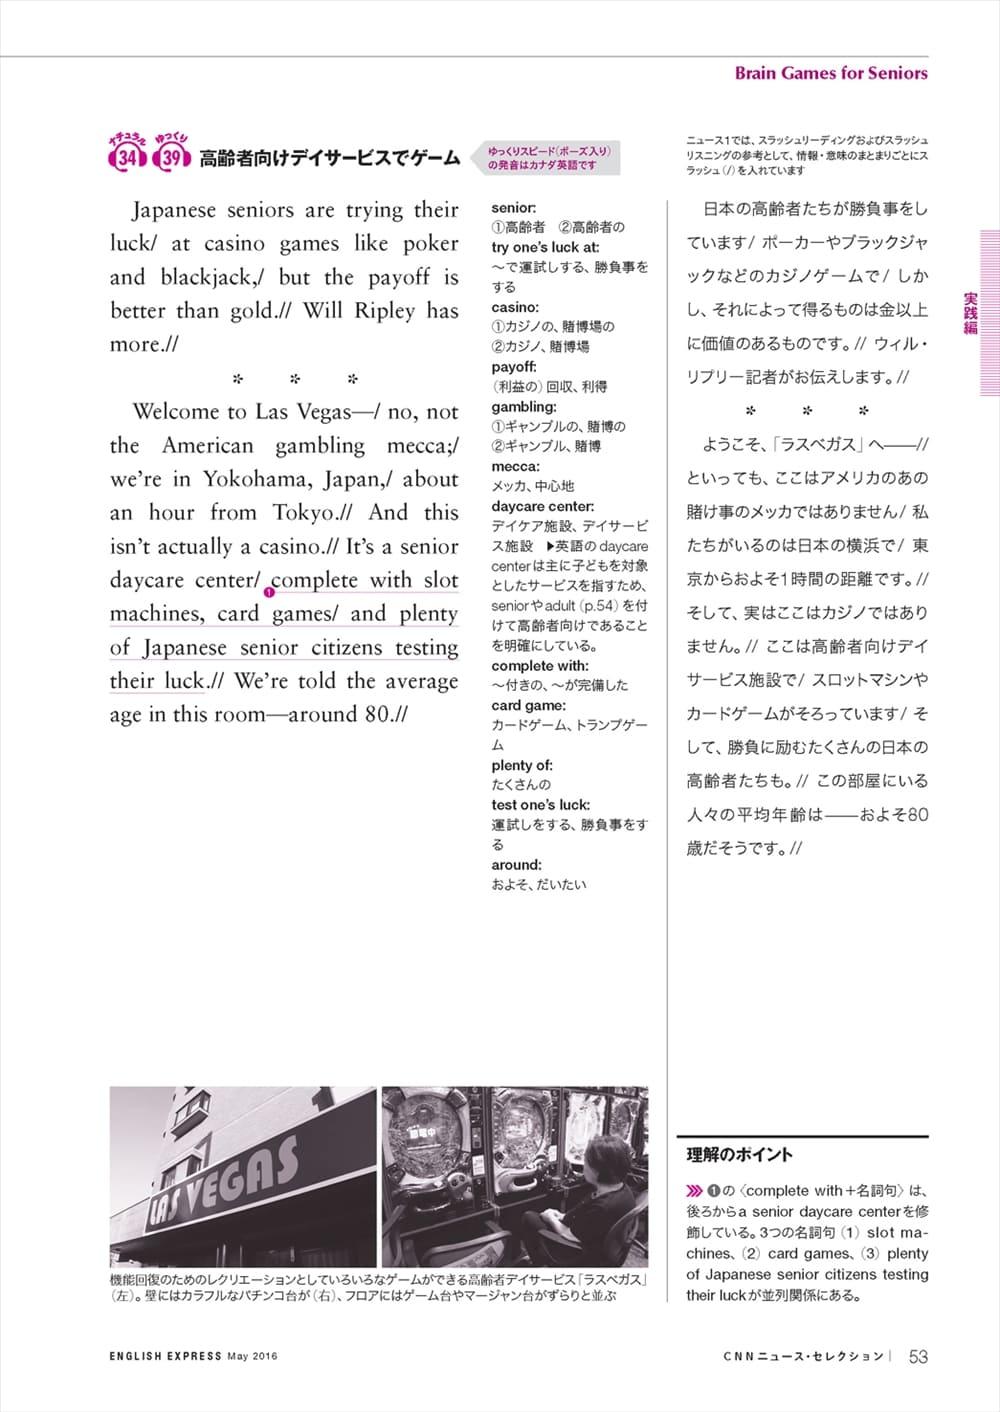 """◆ニュース・セレクション#br#日本の新型高齢者デイサービス#br#》》音声試聴は<a href=""""mms://016.mediaimage.jp/asahipress/ee1605a.wma"""" class=""""txt1158b0"""">こちら</a>をクリック!"""